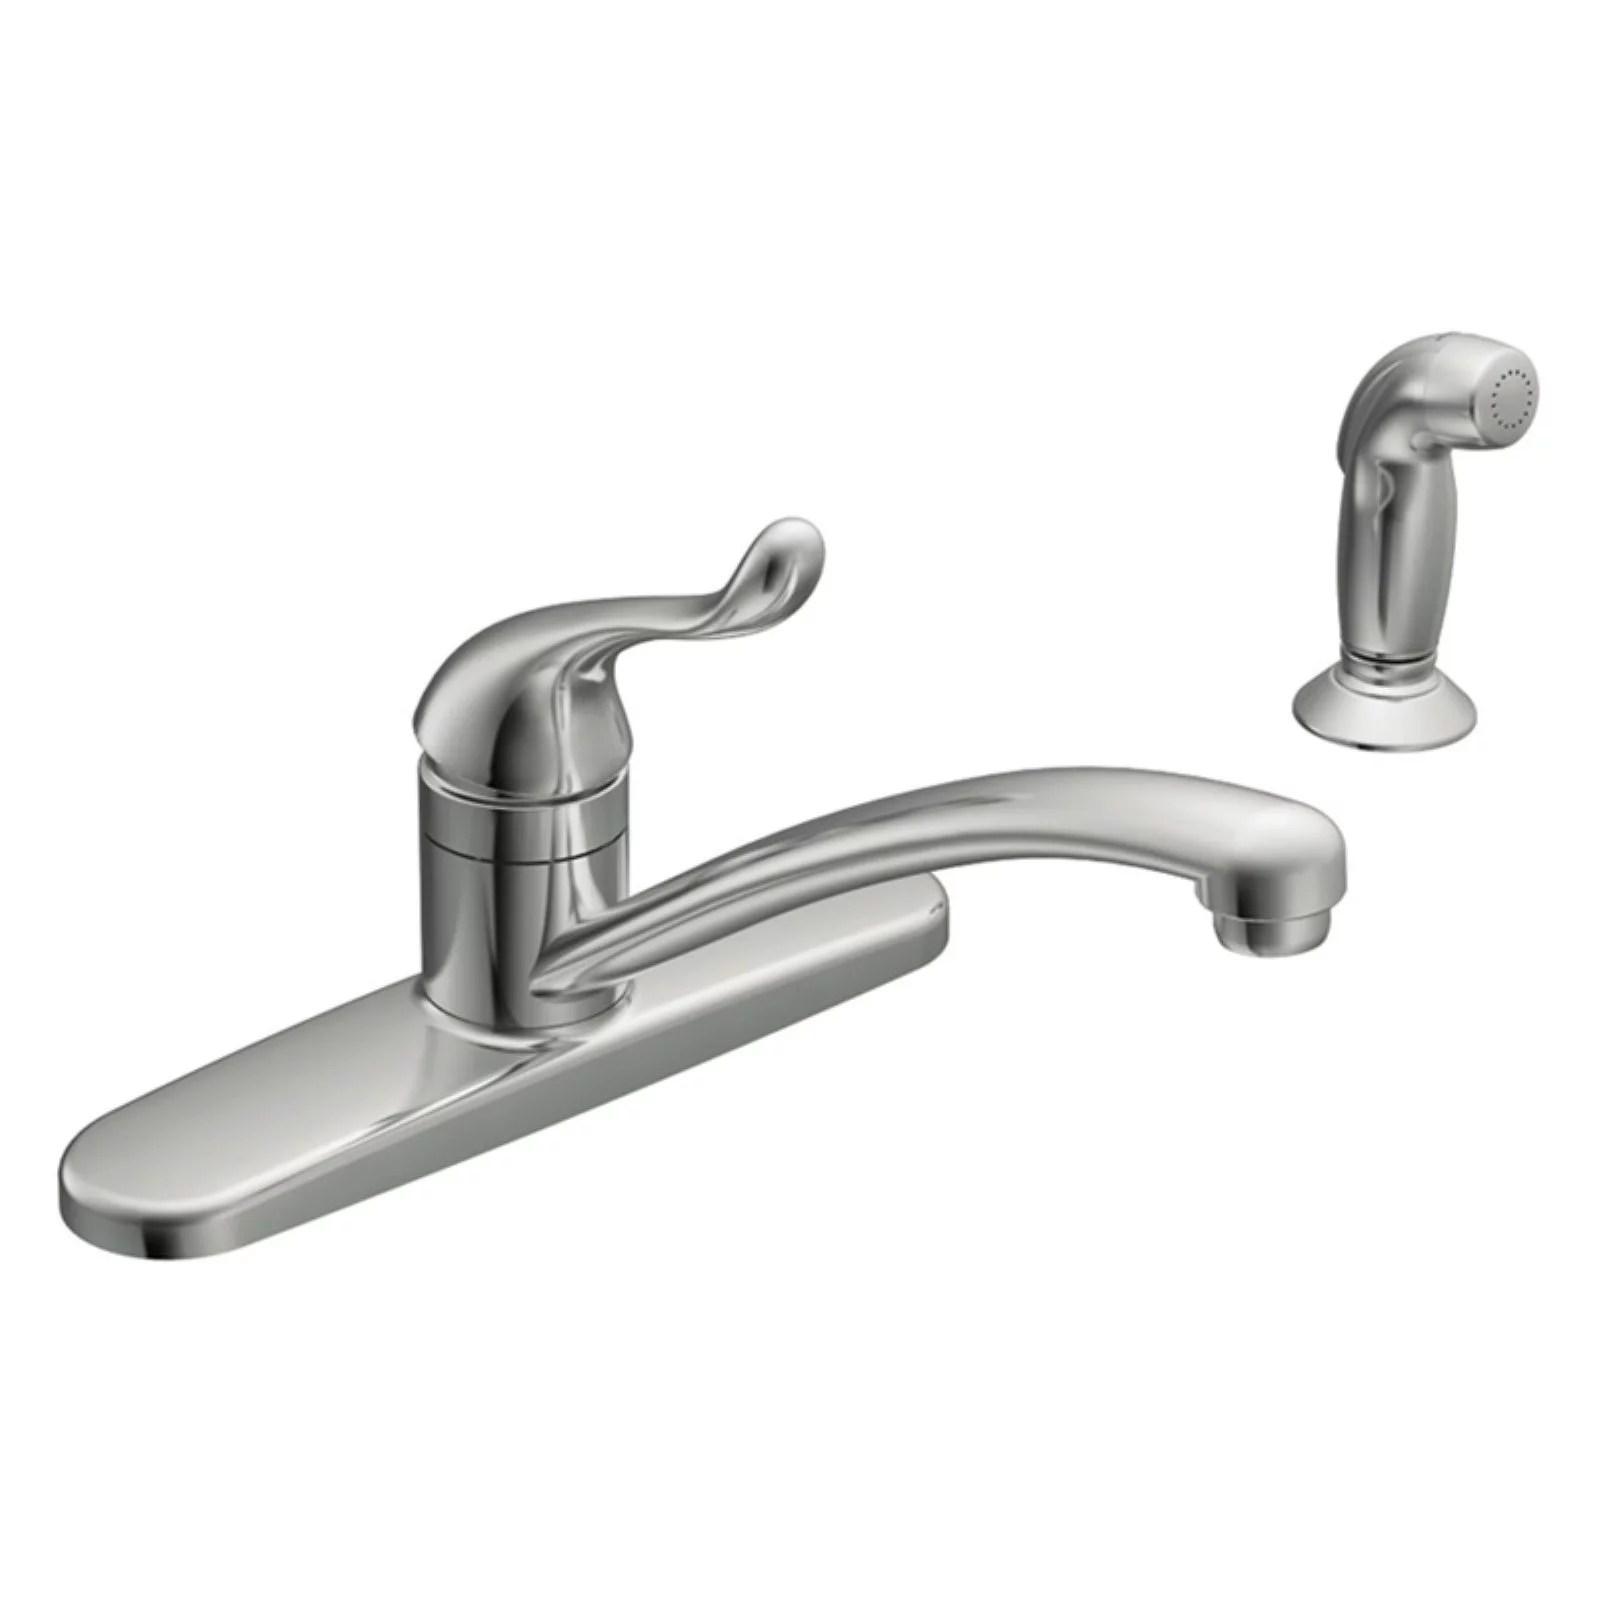 moen ca87530 chrome touch control 1 handle low arc kitchen faucet walmart com